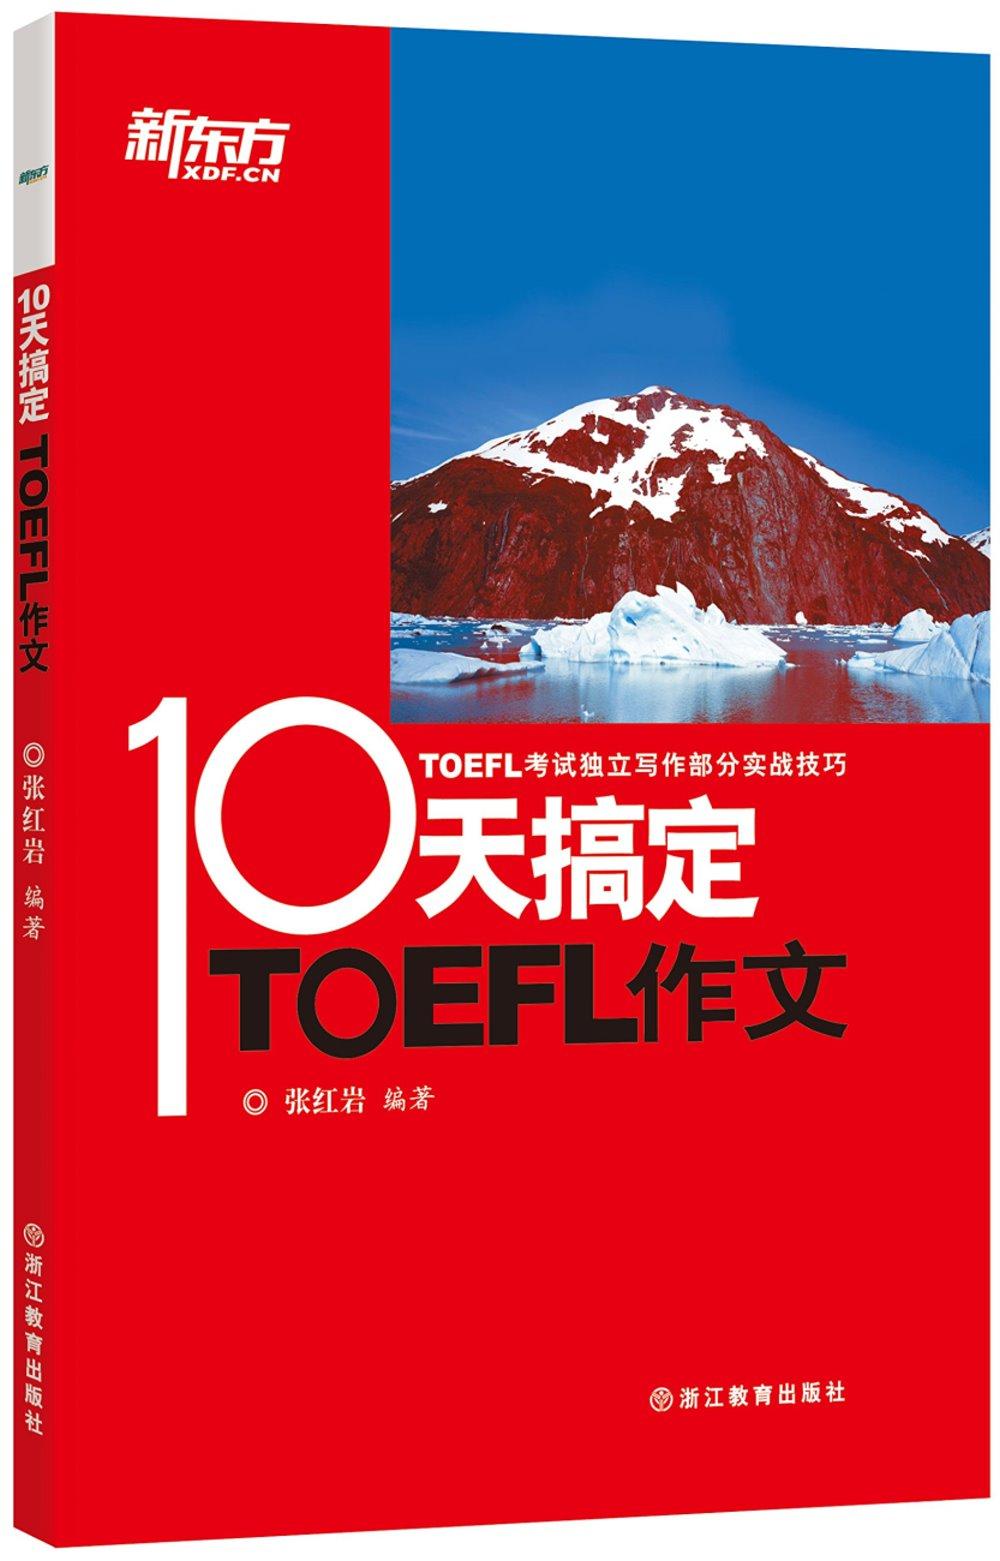 10天搞定TOEFL作文